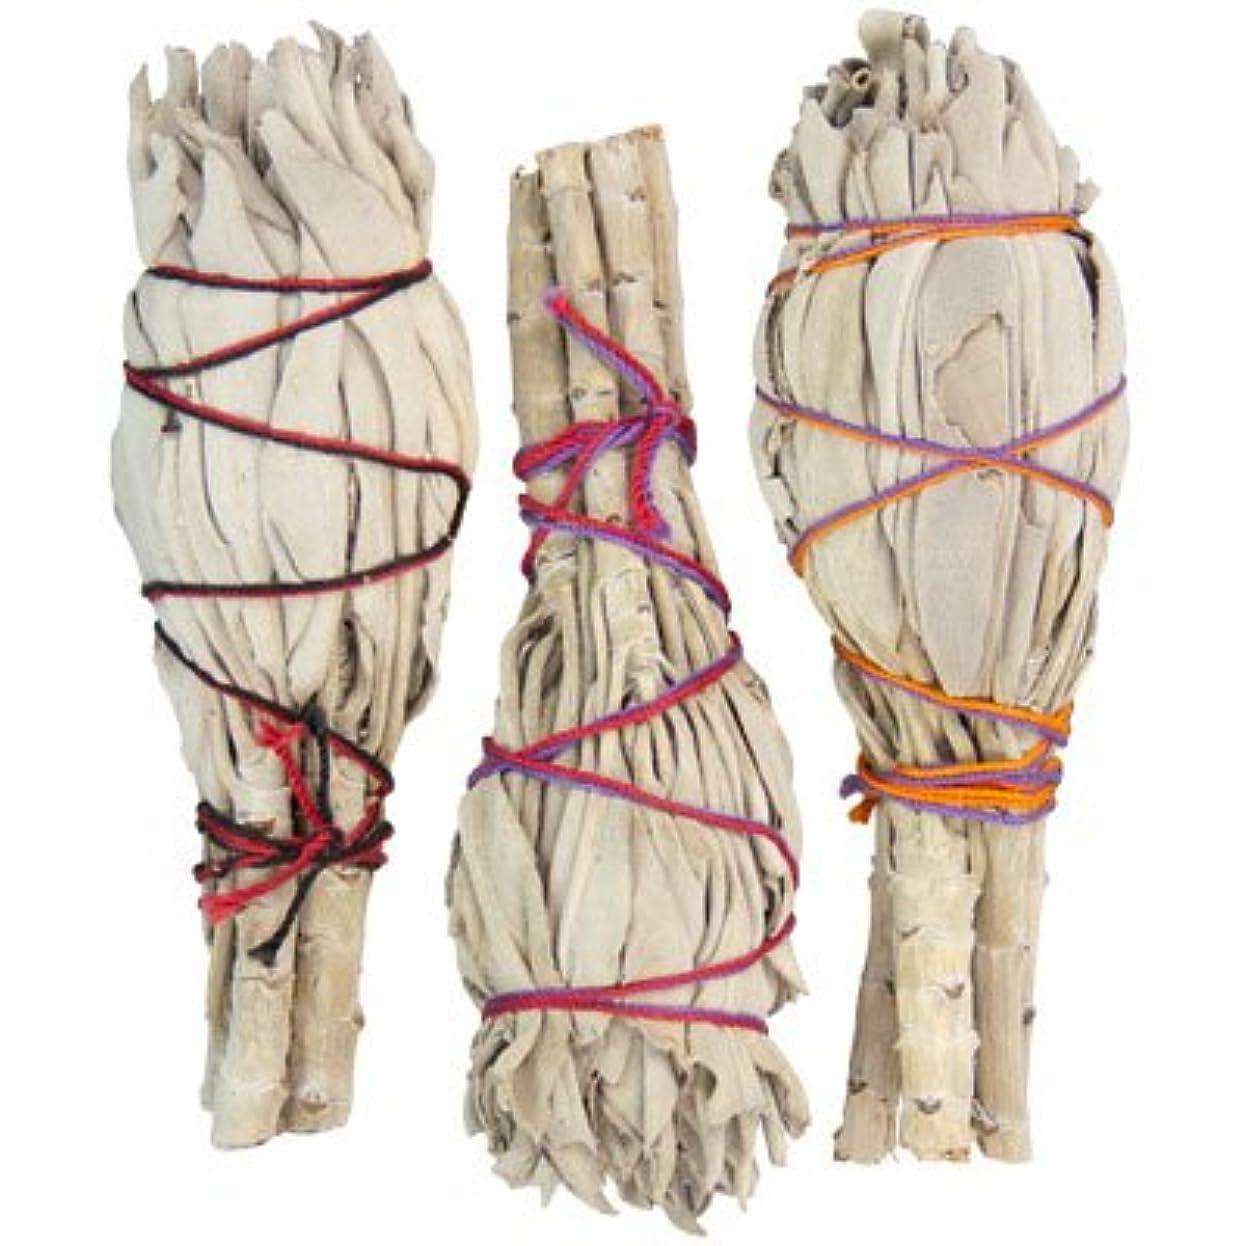 がっかりするシェトランド諸島不均一Smudge SticksバルクMiniカリフォルニアホワイトセージ(Pack of 24 )